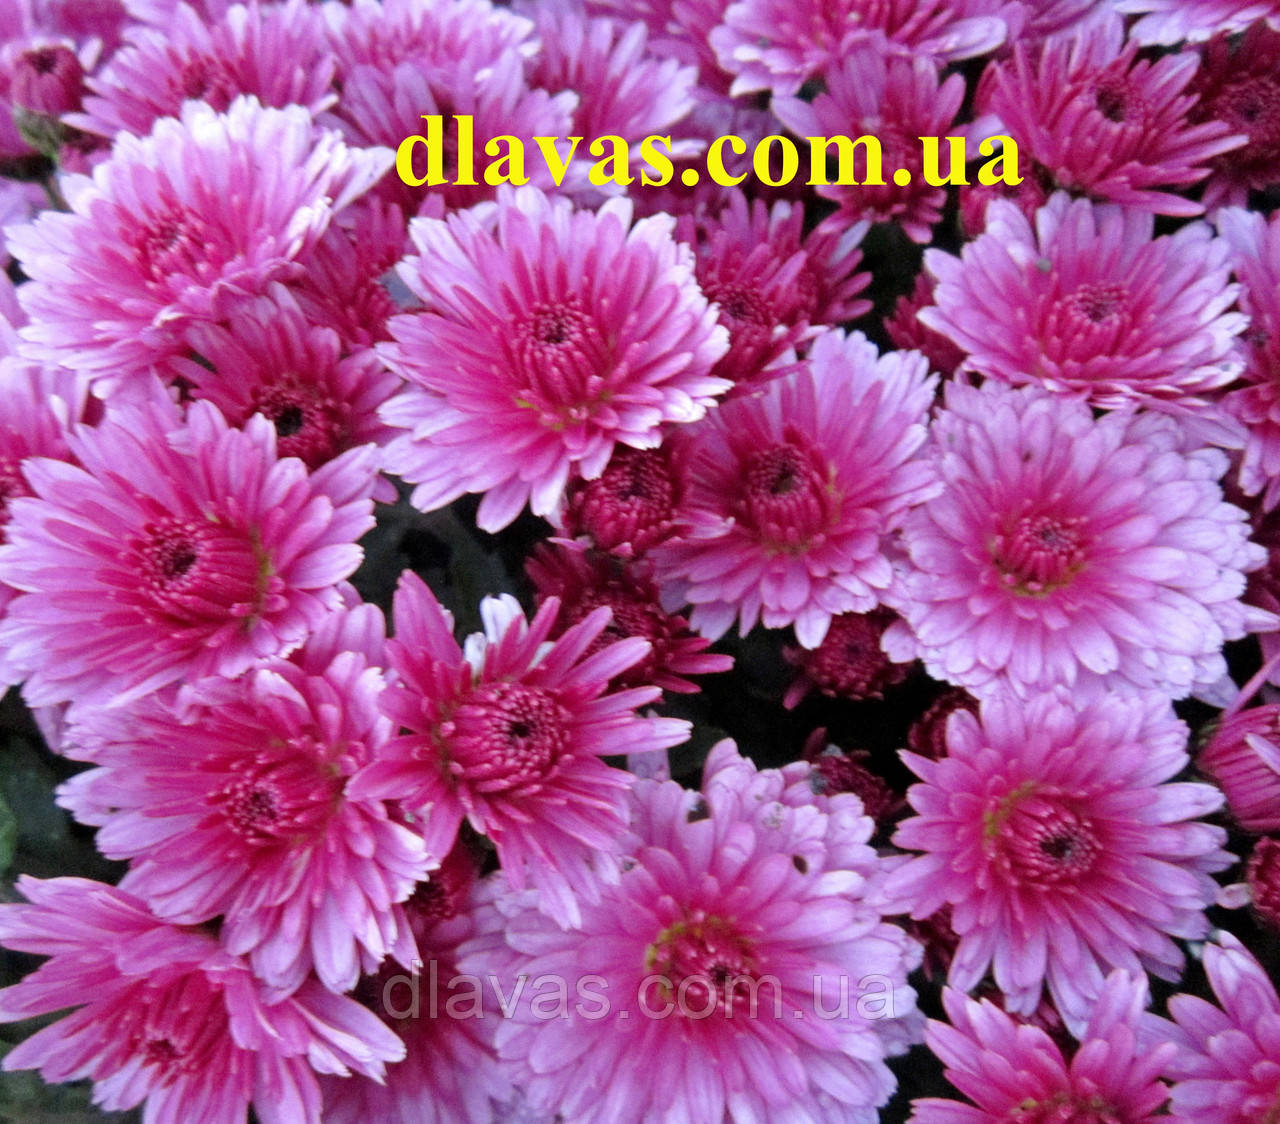 Хризантема  шаровидная ПАУЛОРО ЛИЛОВАЯ